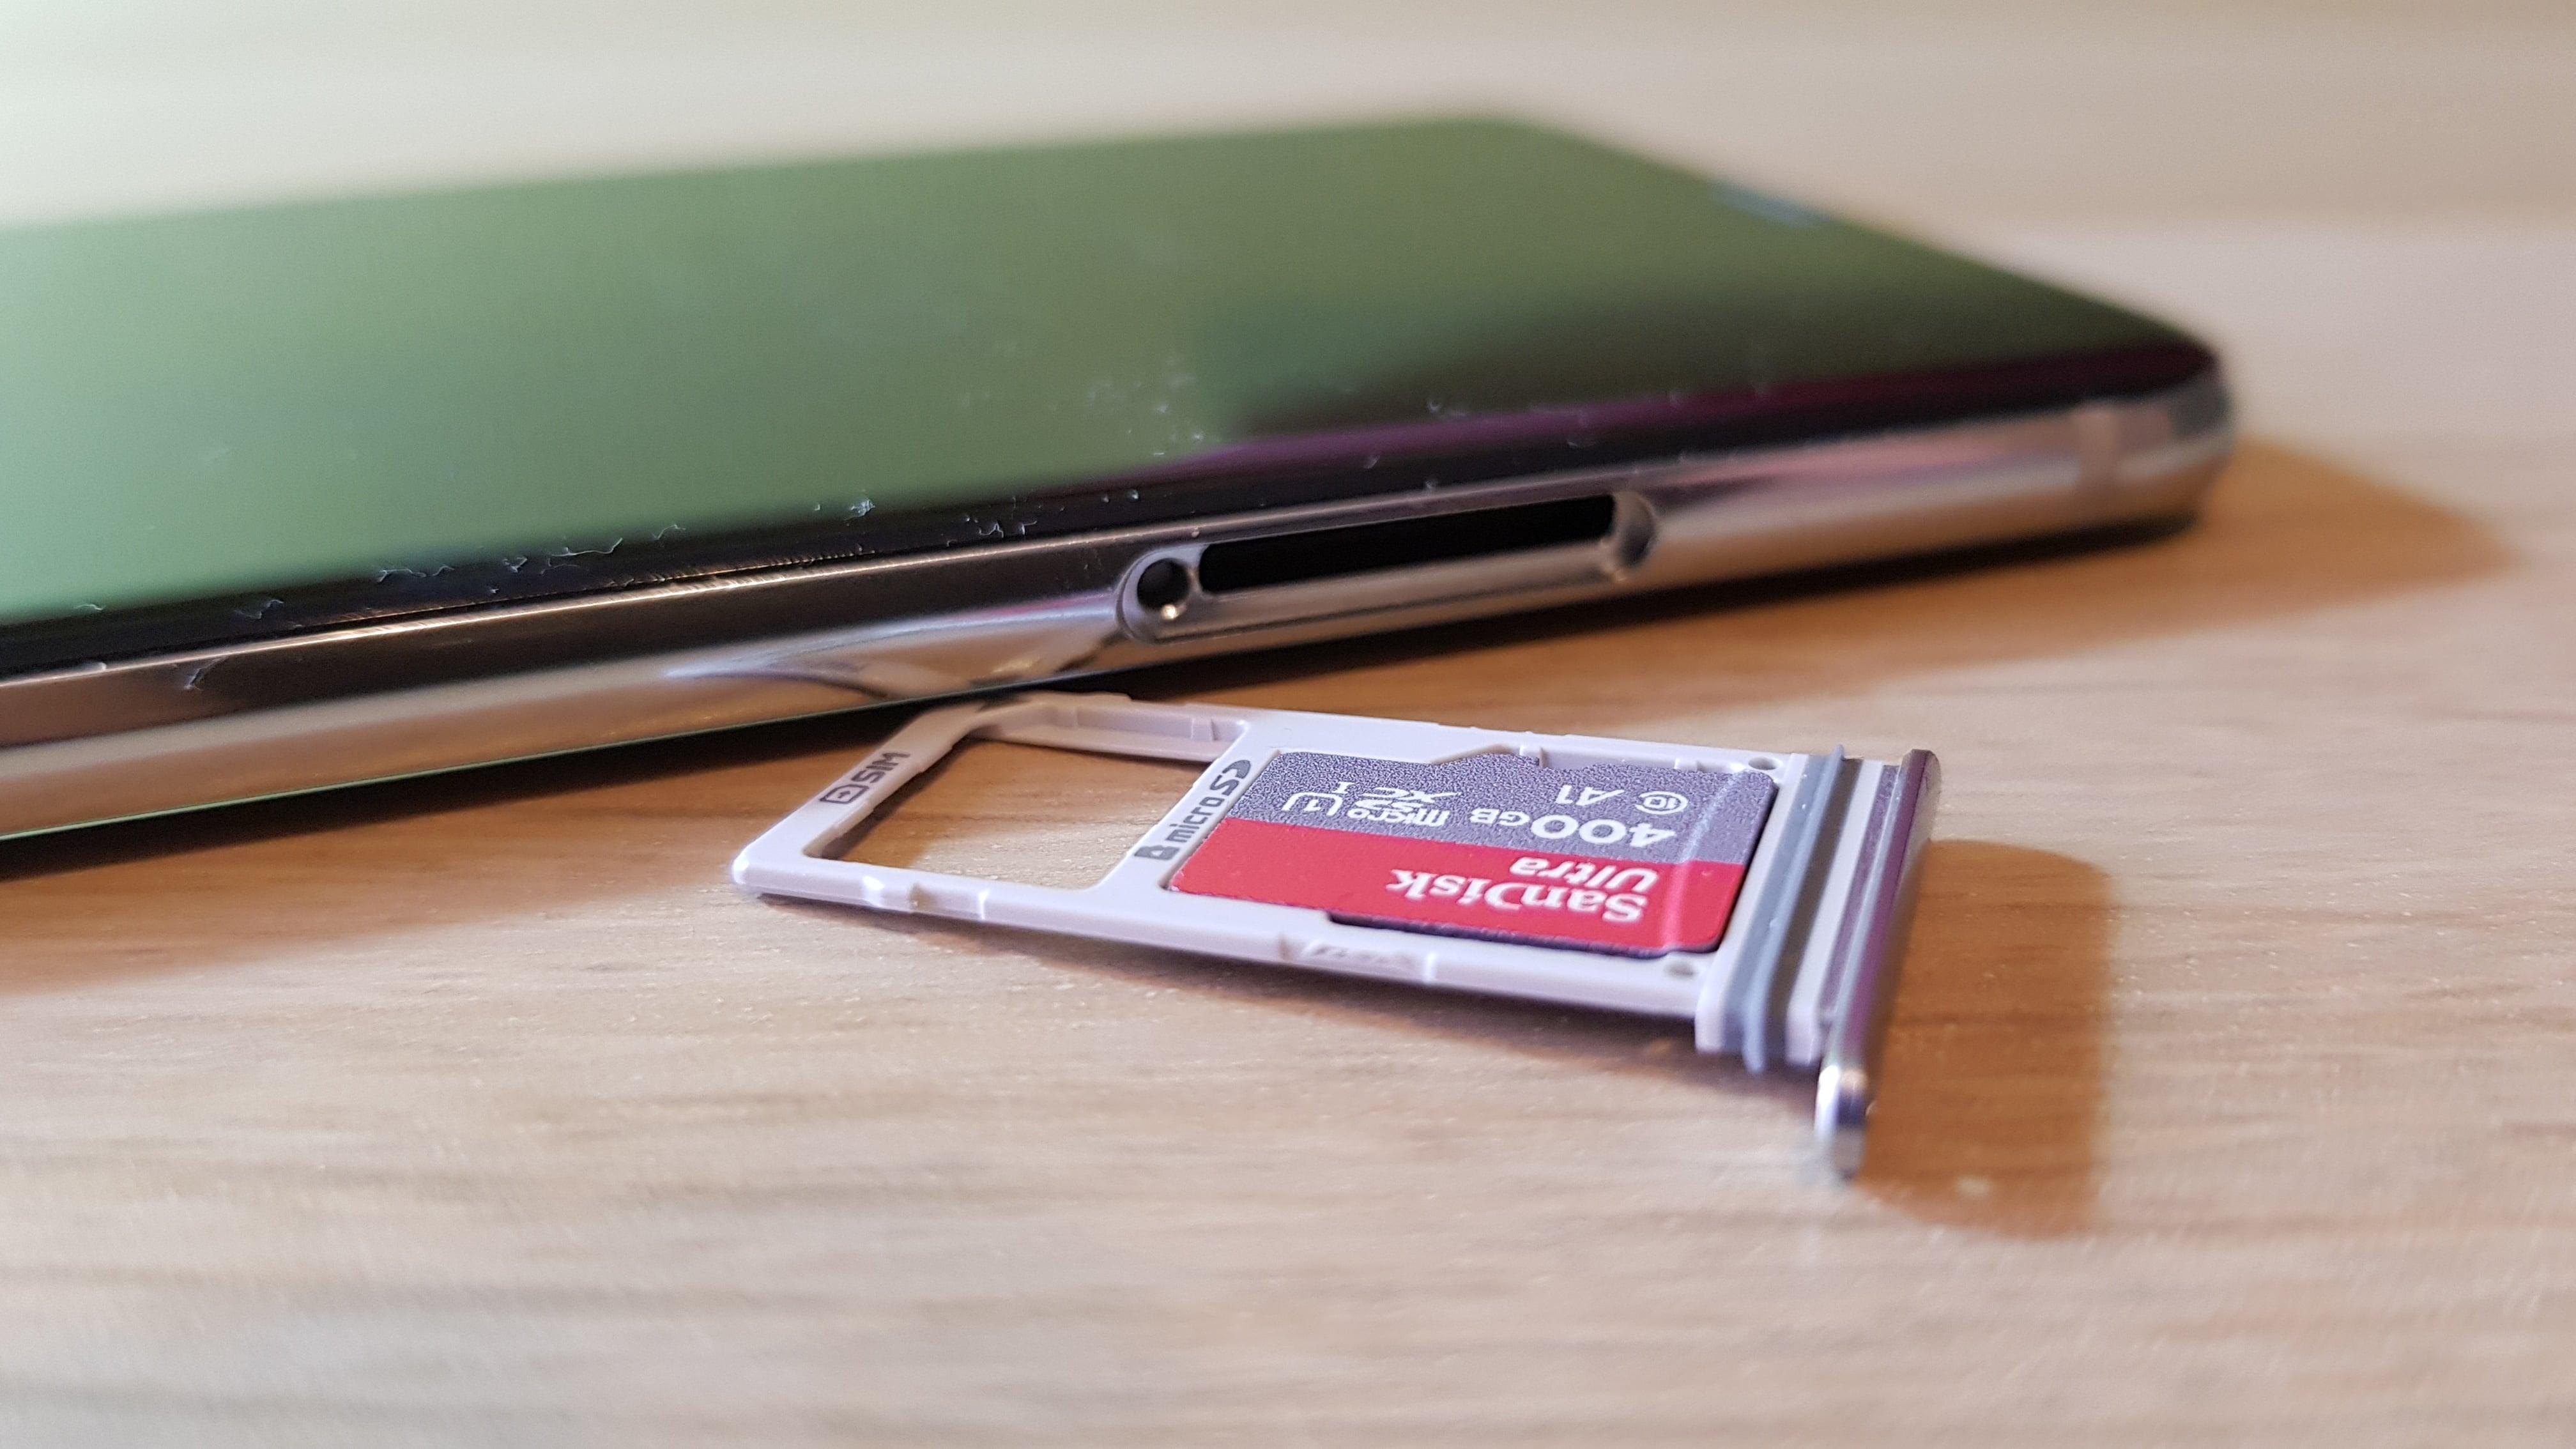 Ku pamięci - warto czasem postawić na... pamięć. Recenzja SanDisk Ultra 400 GB UHS-I 20